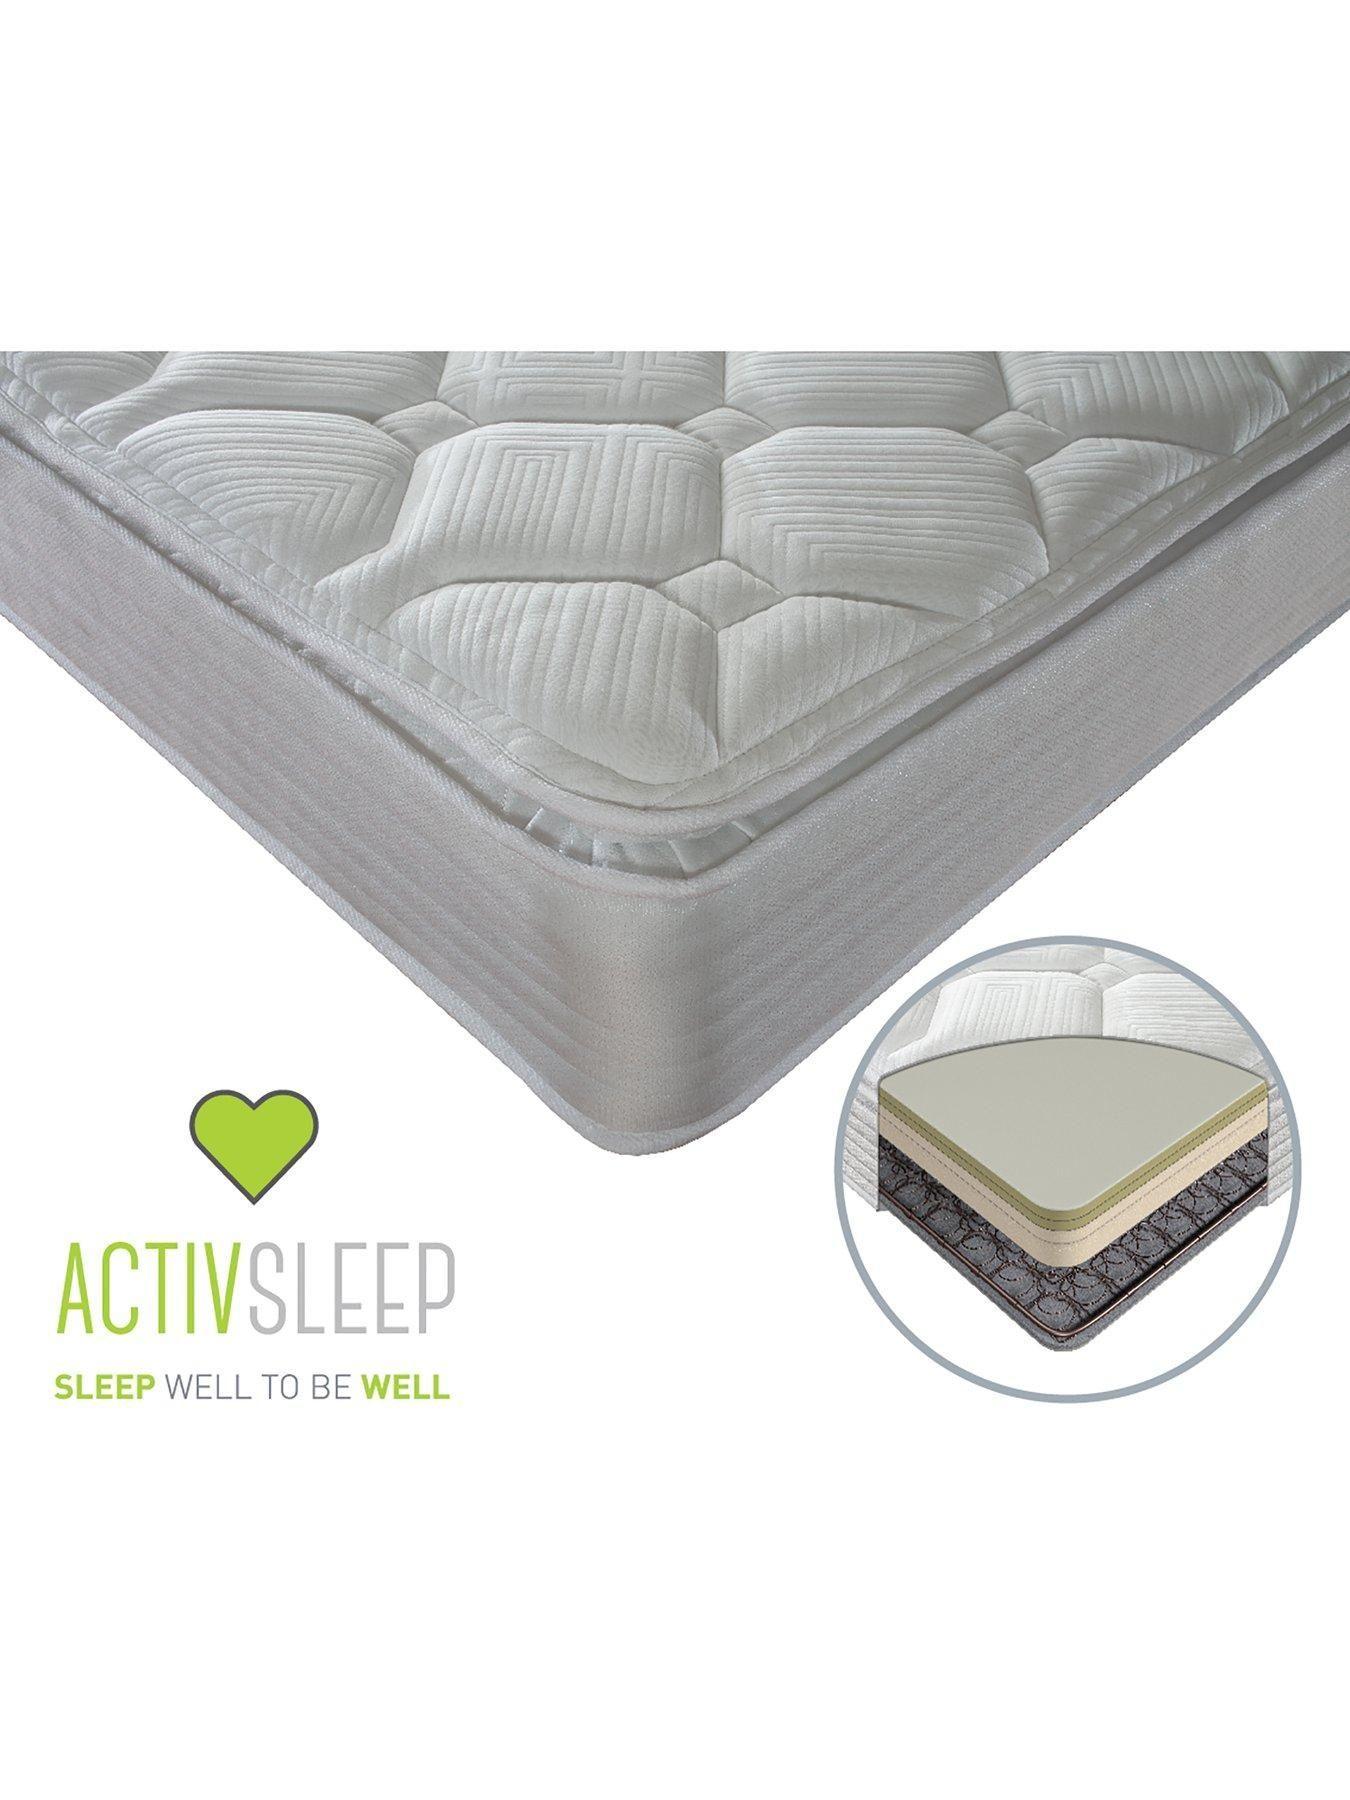 Sealy Activ Renew Ortho Posture Pillow Top Mattress - Medium/Firm - White - Single #pillowtopmattress Sealy Activ Renew Ortho Posture Pillow Top Mattress - Medium/Firm - White - Super King #pillowtopmattress